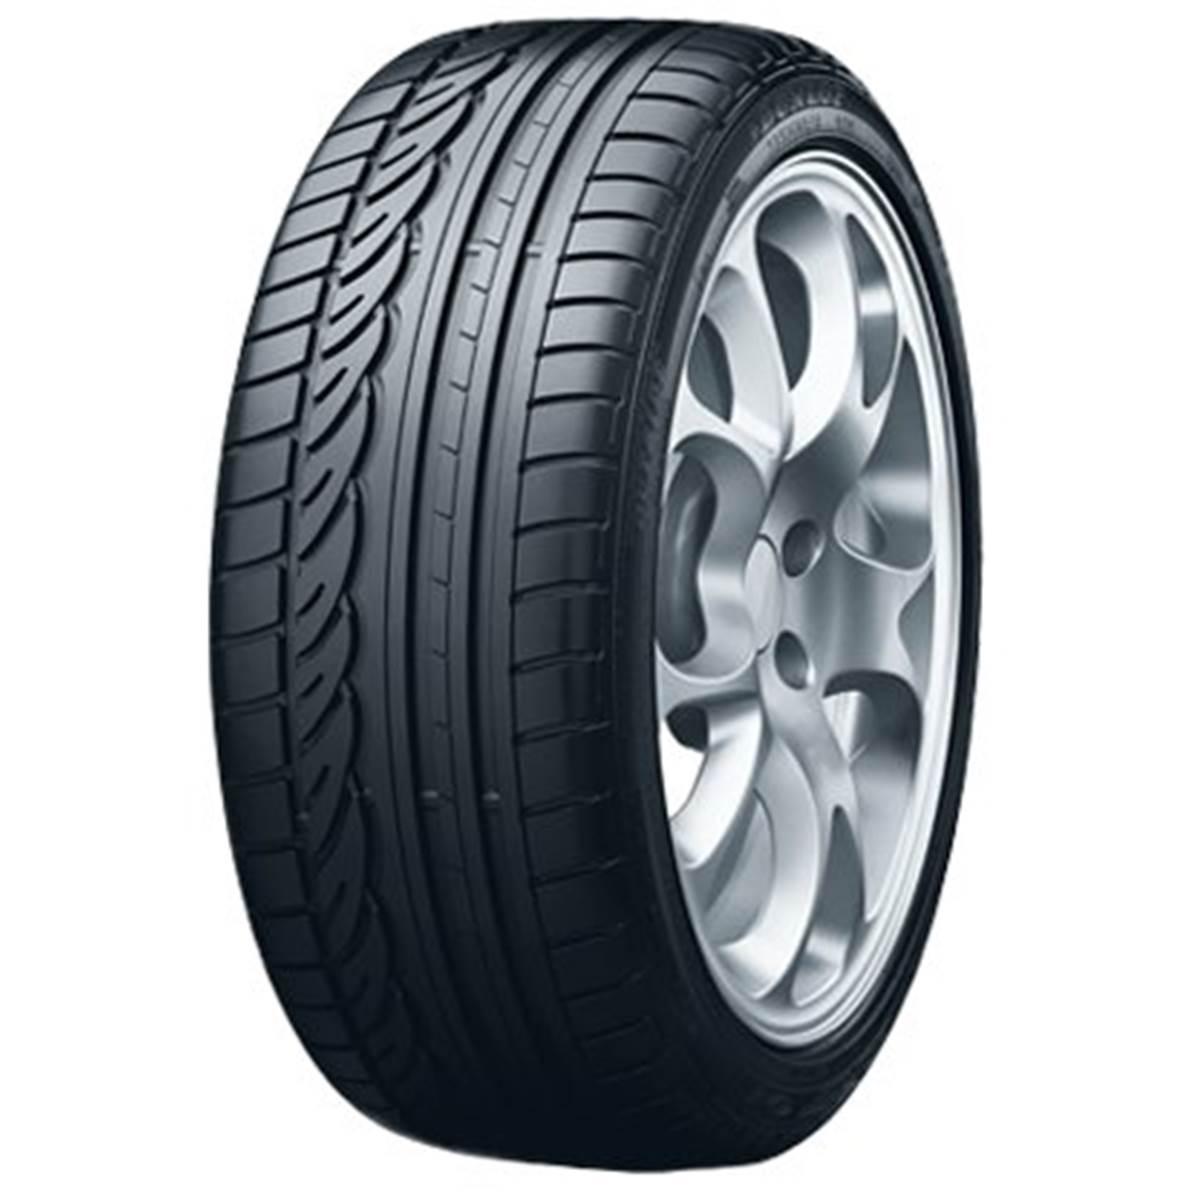 Comparer les prix des pneus Dunlop SP Sport 01 A